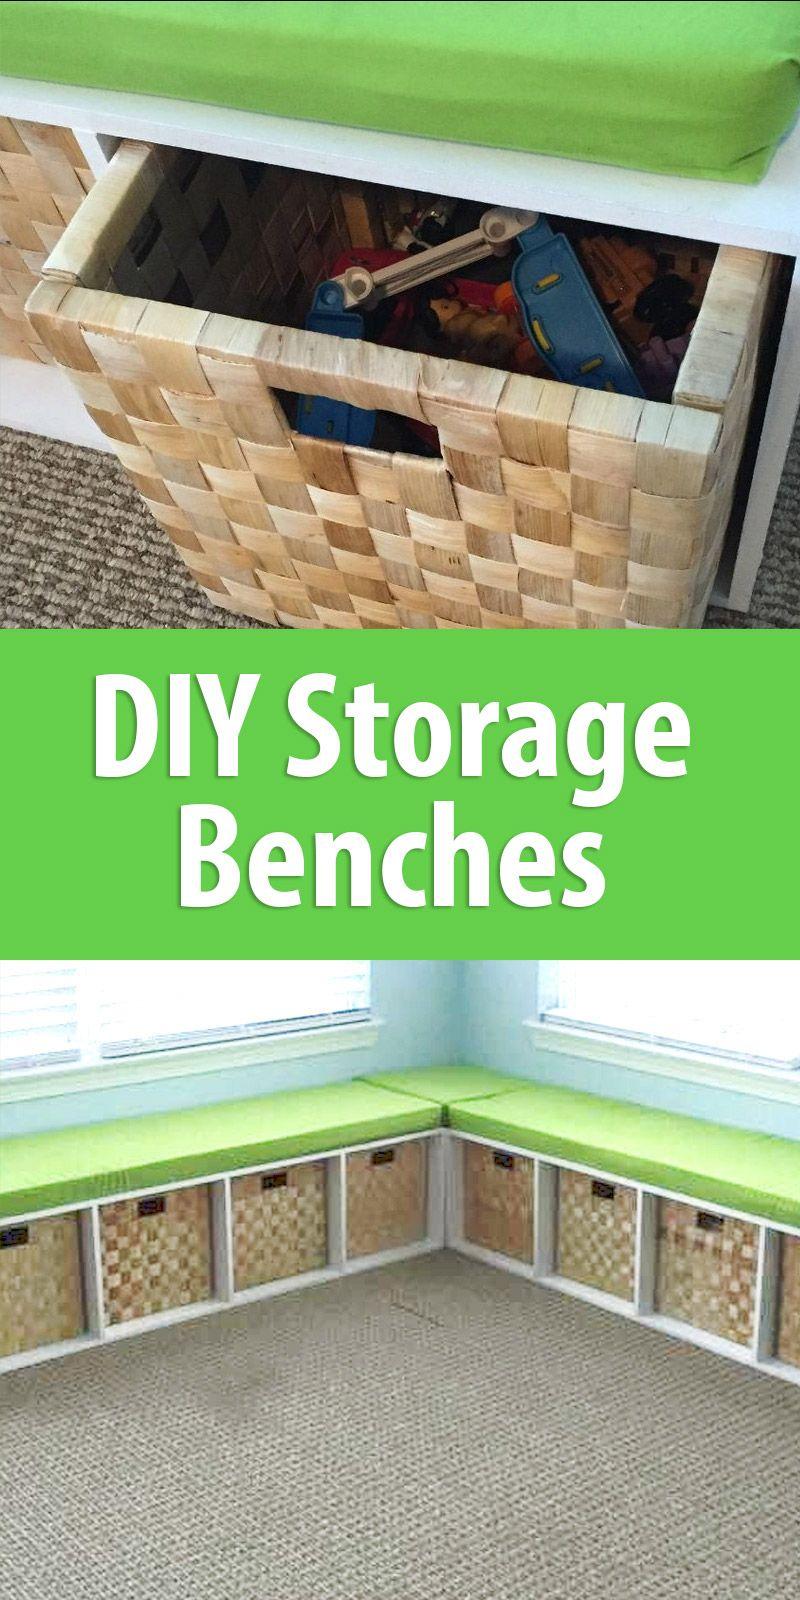 Kids Storage Bench Furniture Toy Box Bedroom Playroom: Kids Bedroom Storage